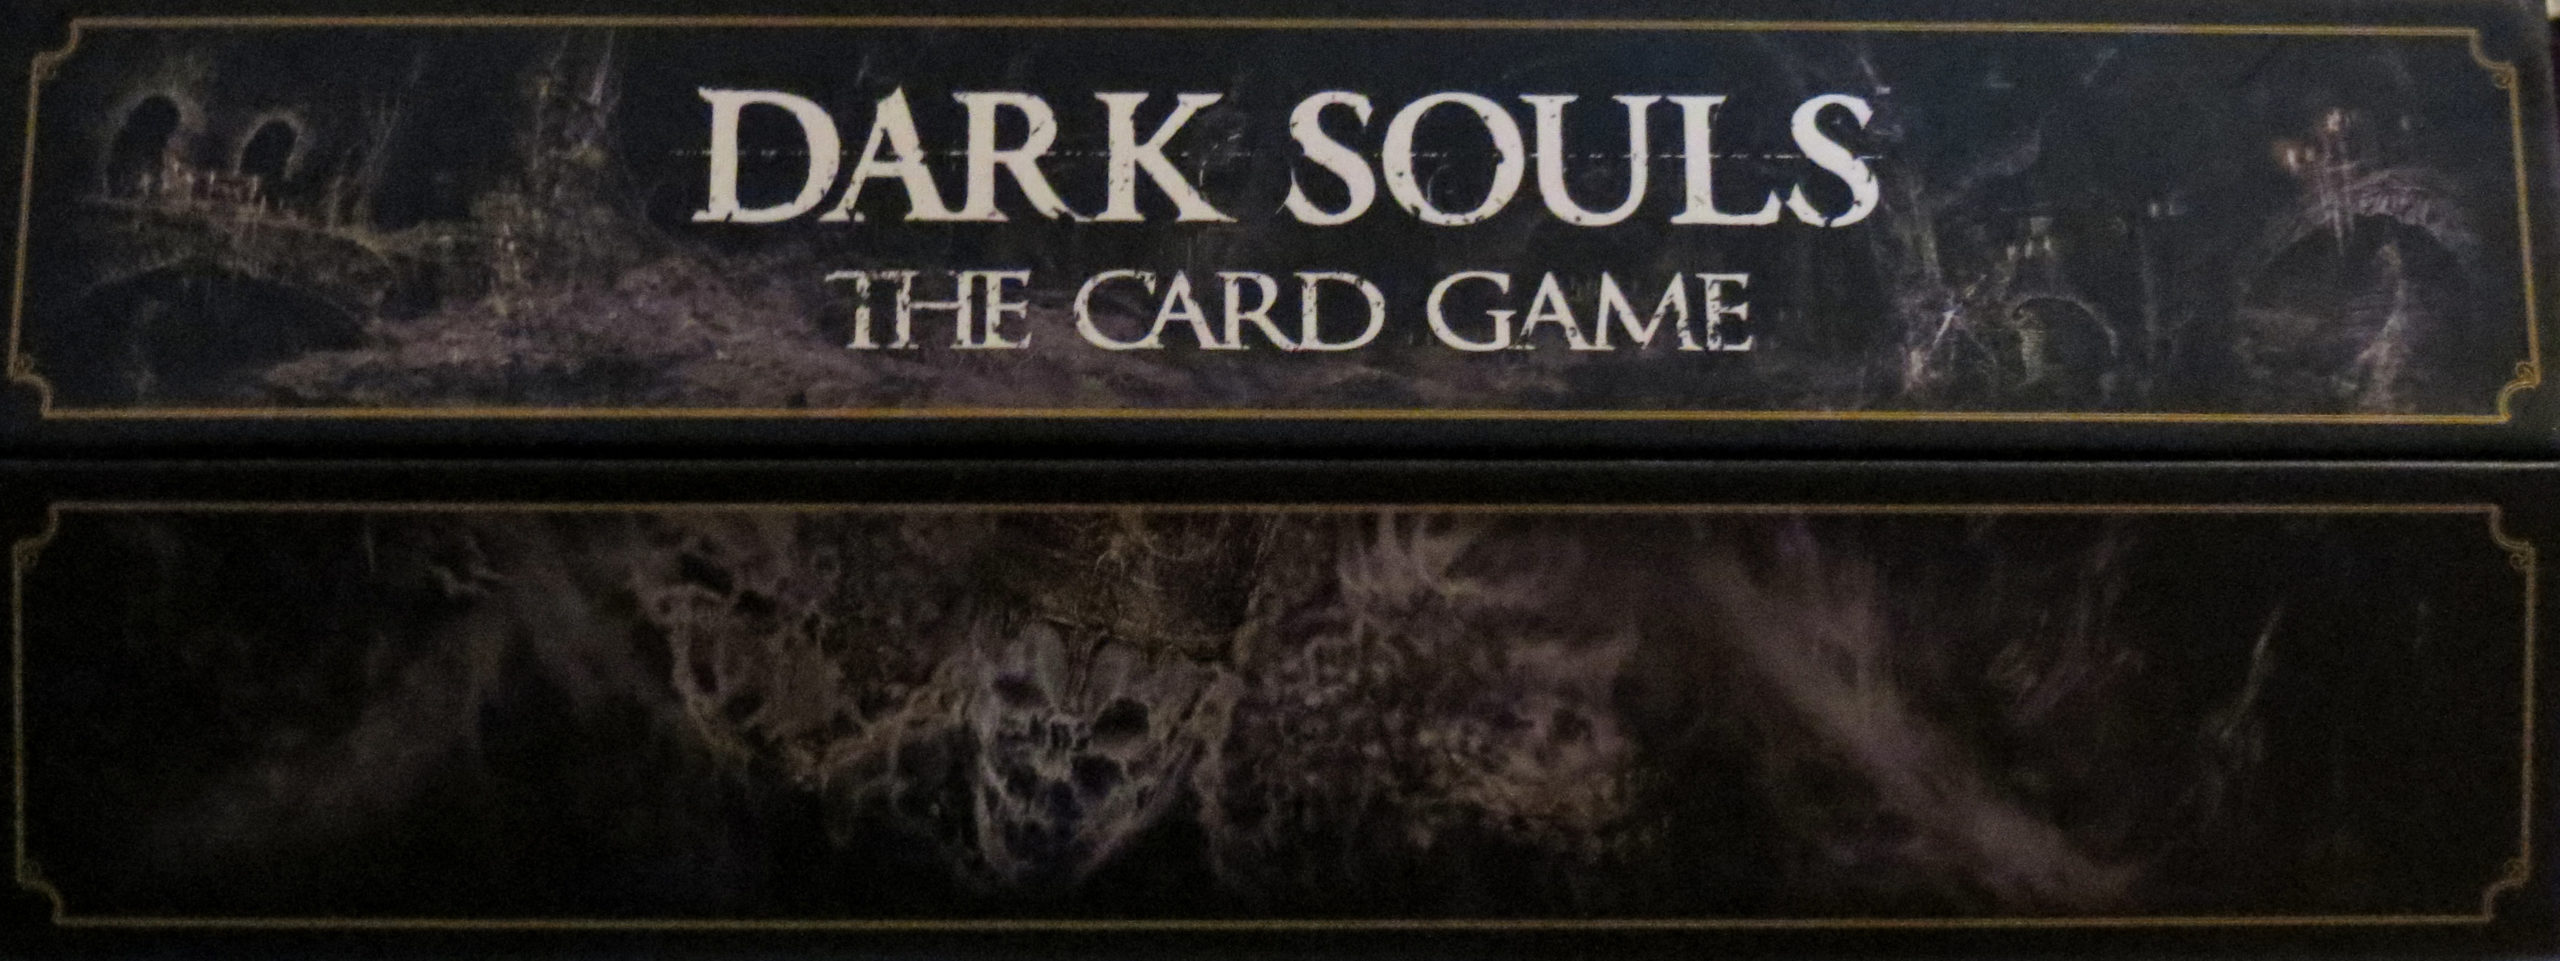 Dark Souls: The Card Game (Logo auf der Spielschachtel)